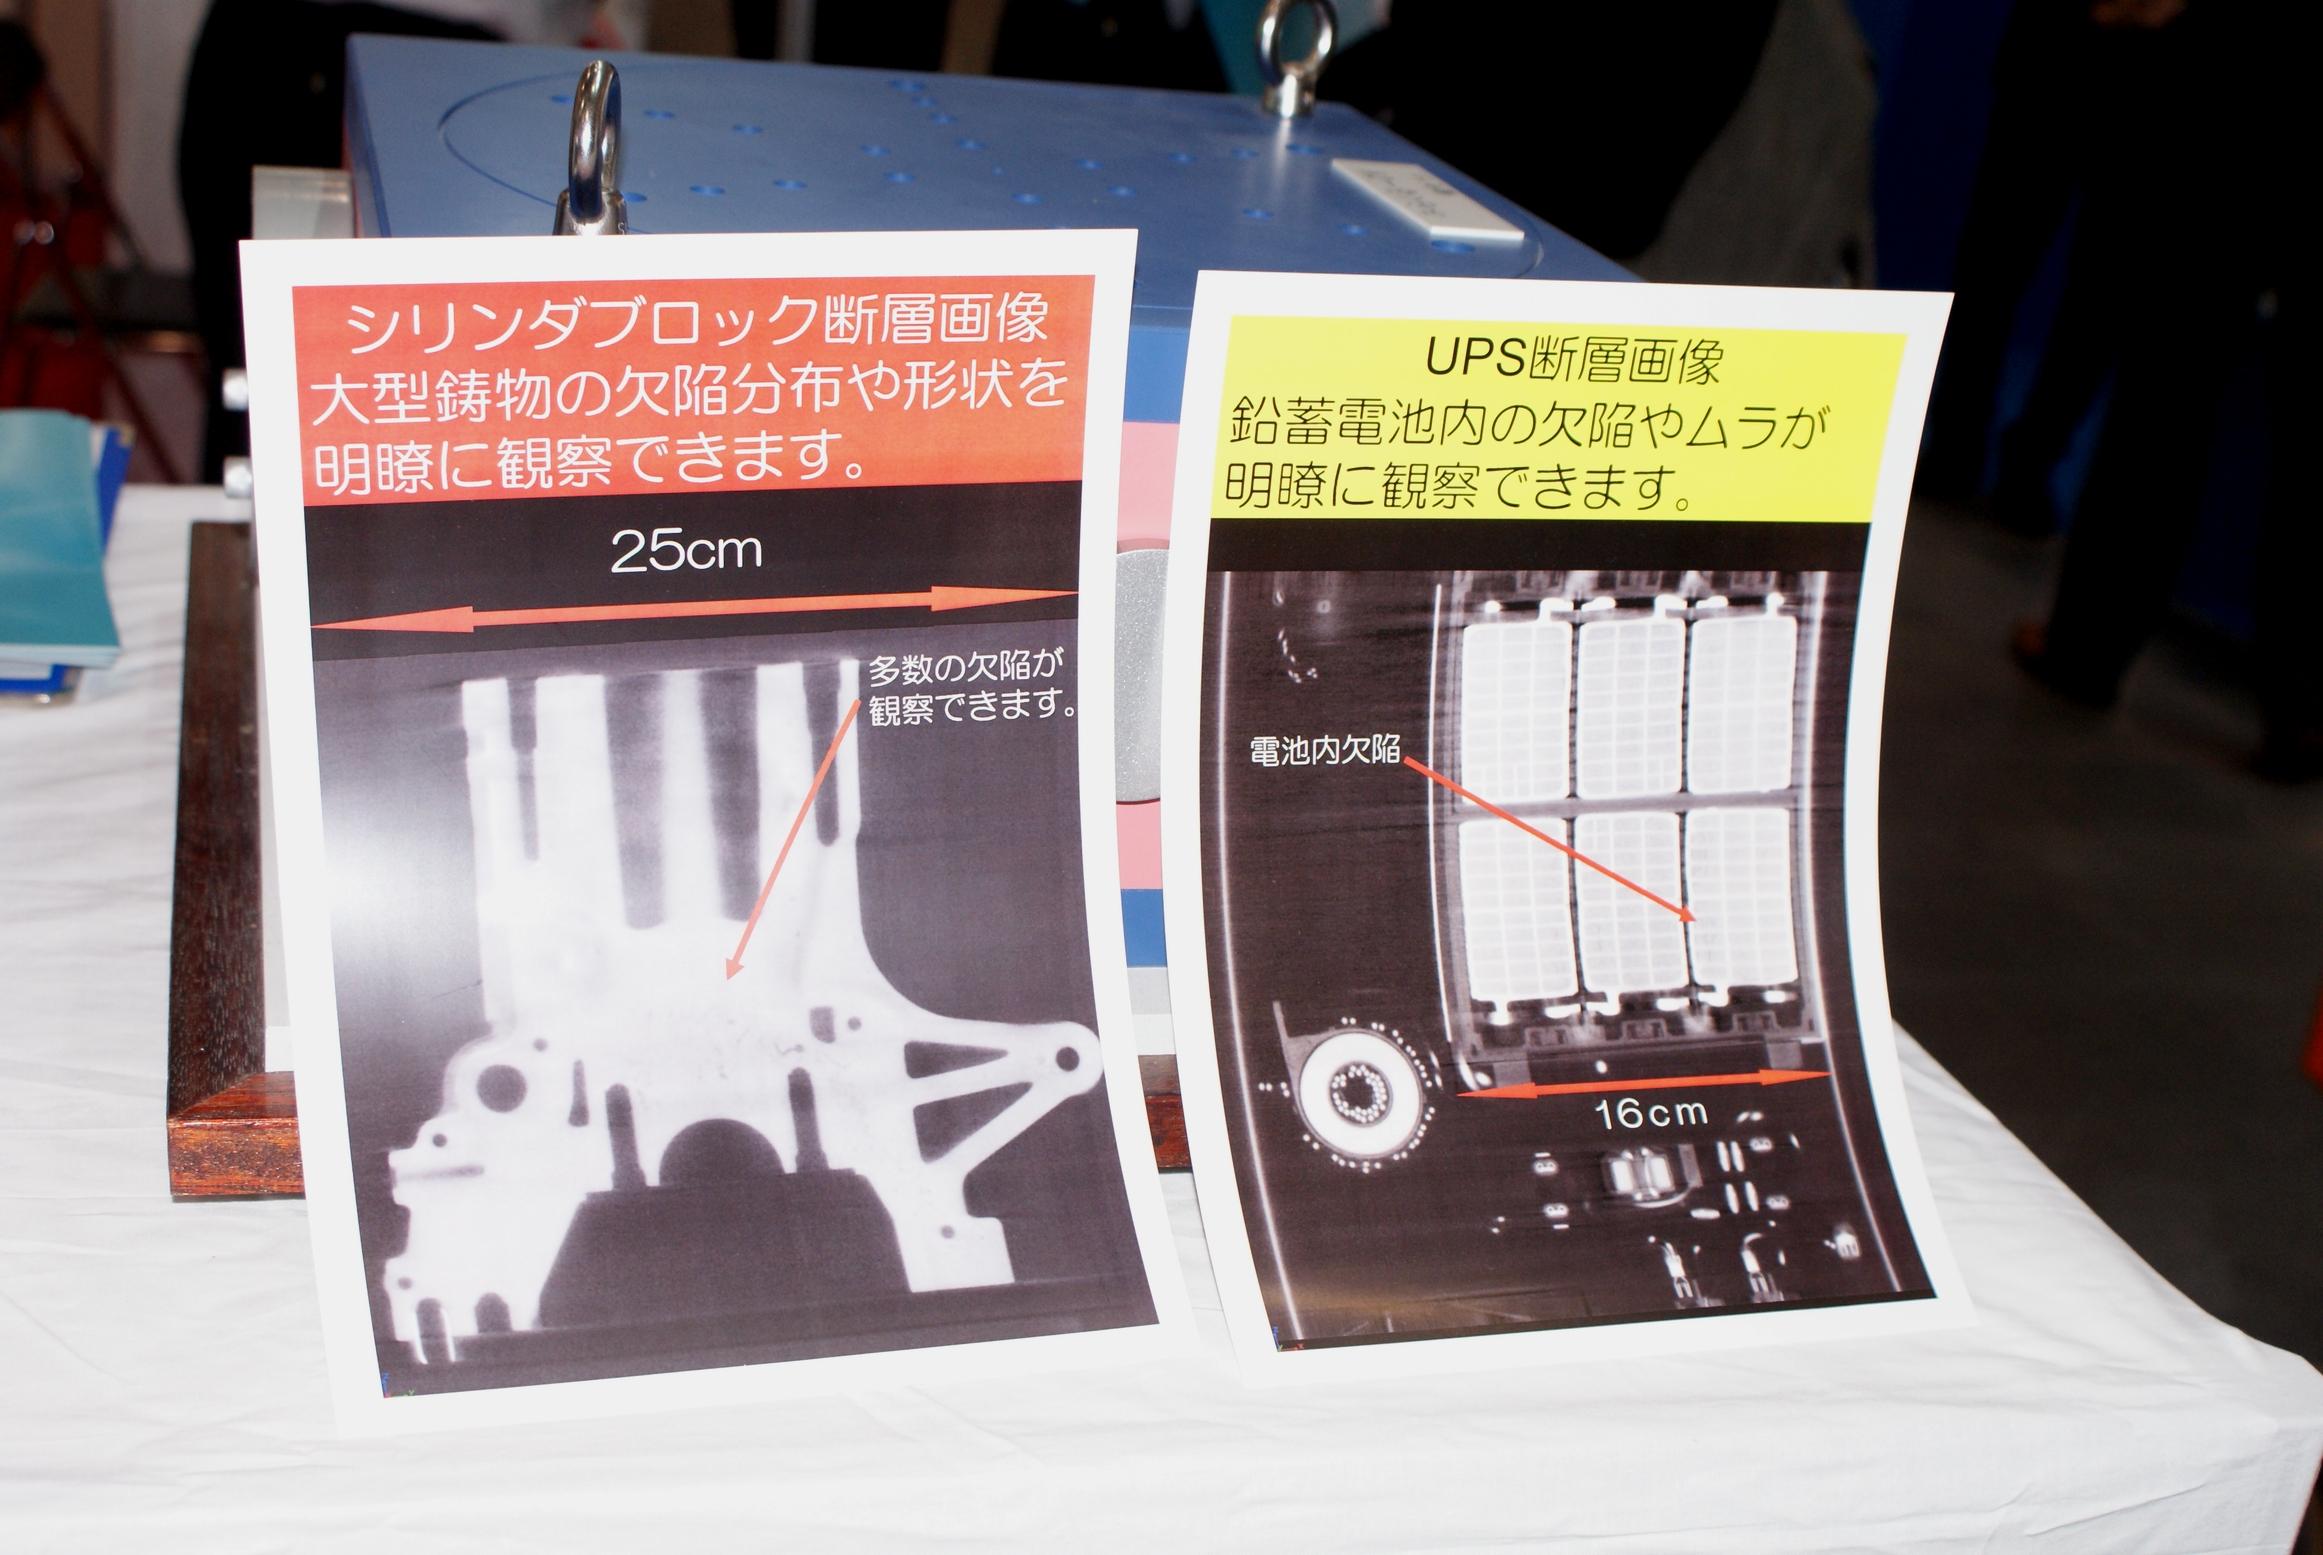 「【関西 ものづくりワールド2015】光子発生技術研究所が自動車部品用のX線CT技術を出展」の3枚目の画像